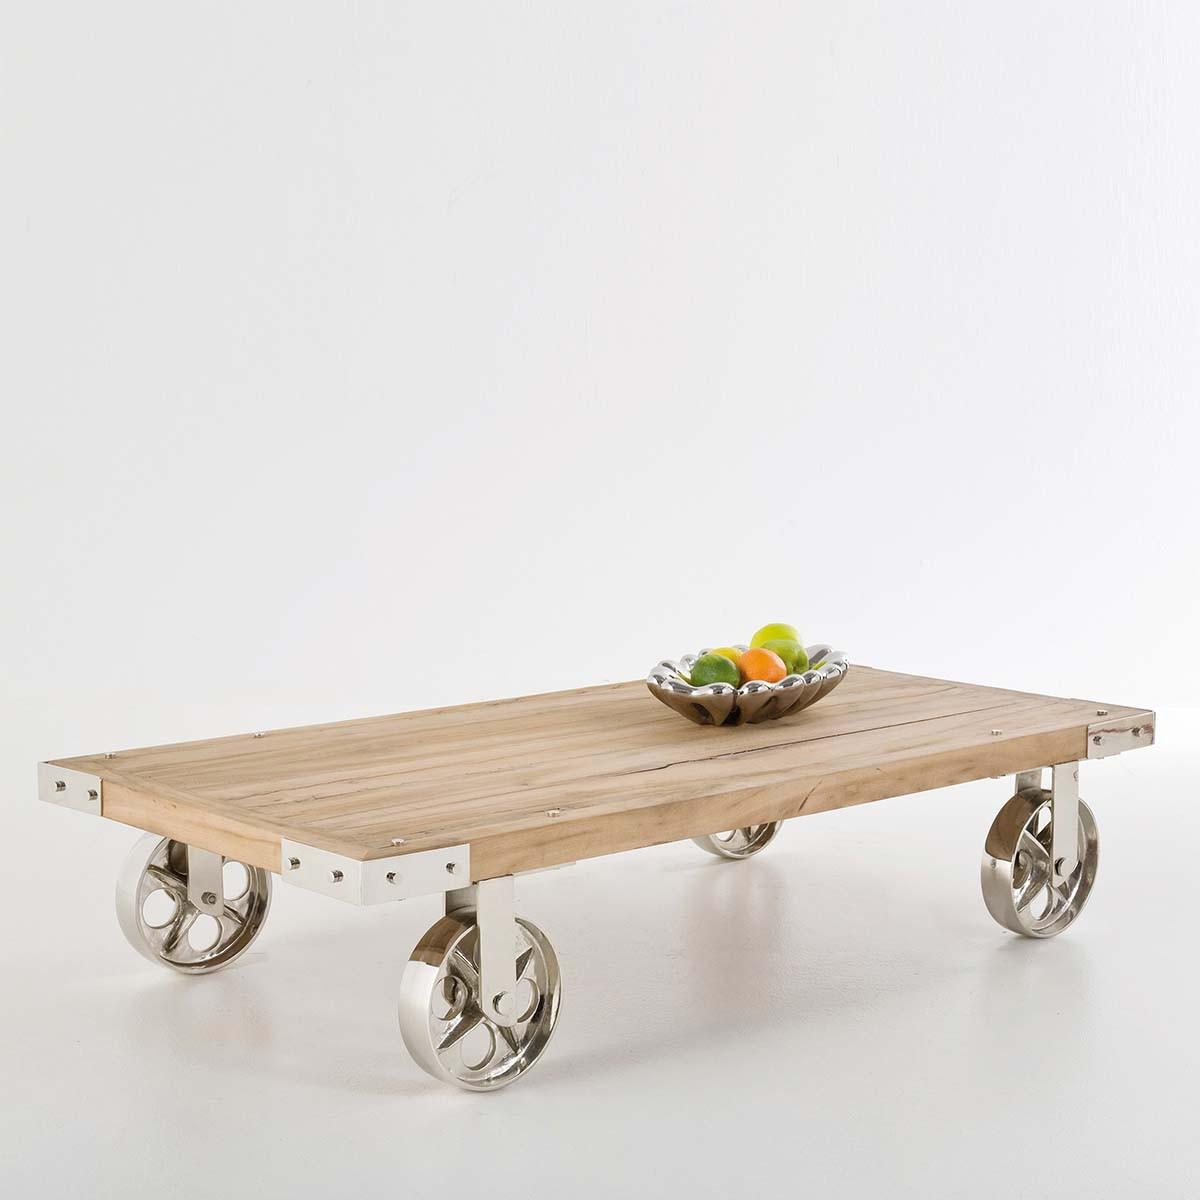 Un Tavolino Con Le Ruote.Tavolino Vintage Legno 140x70xh28